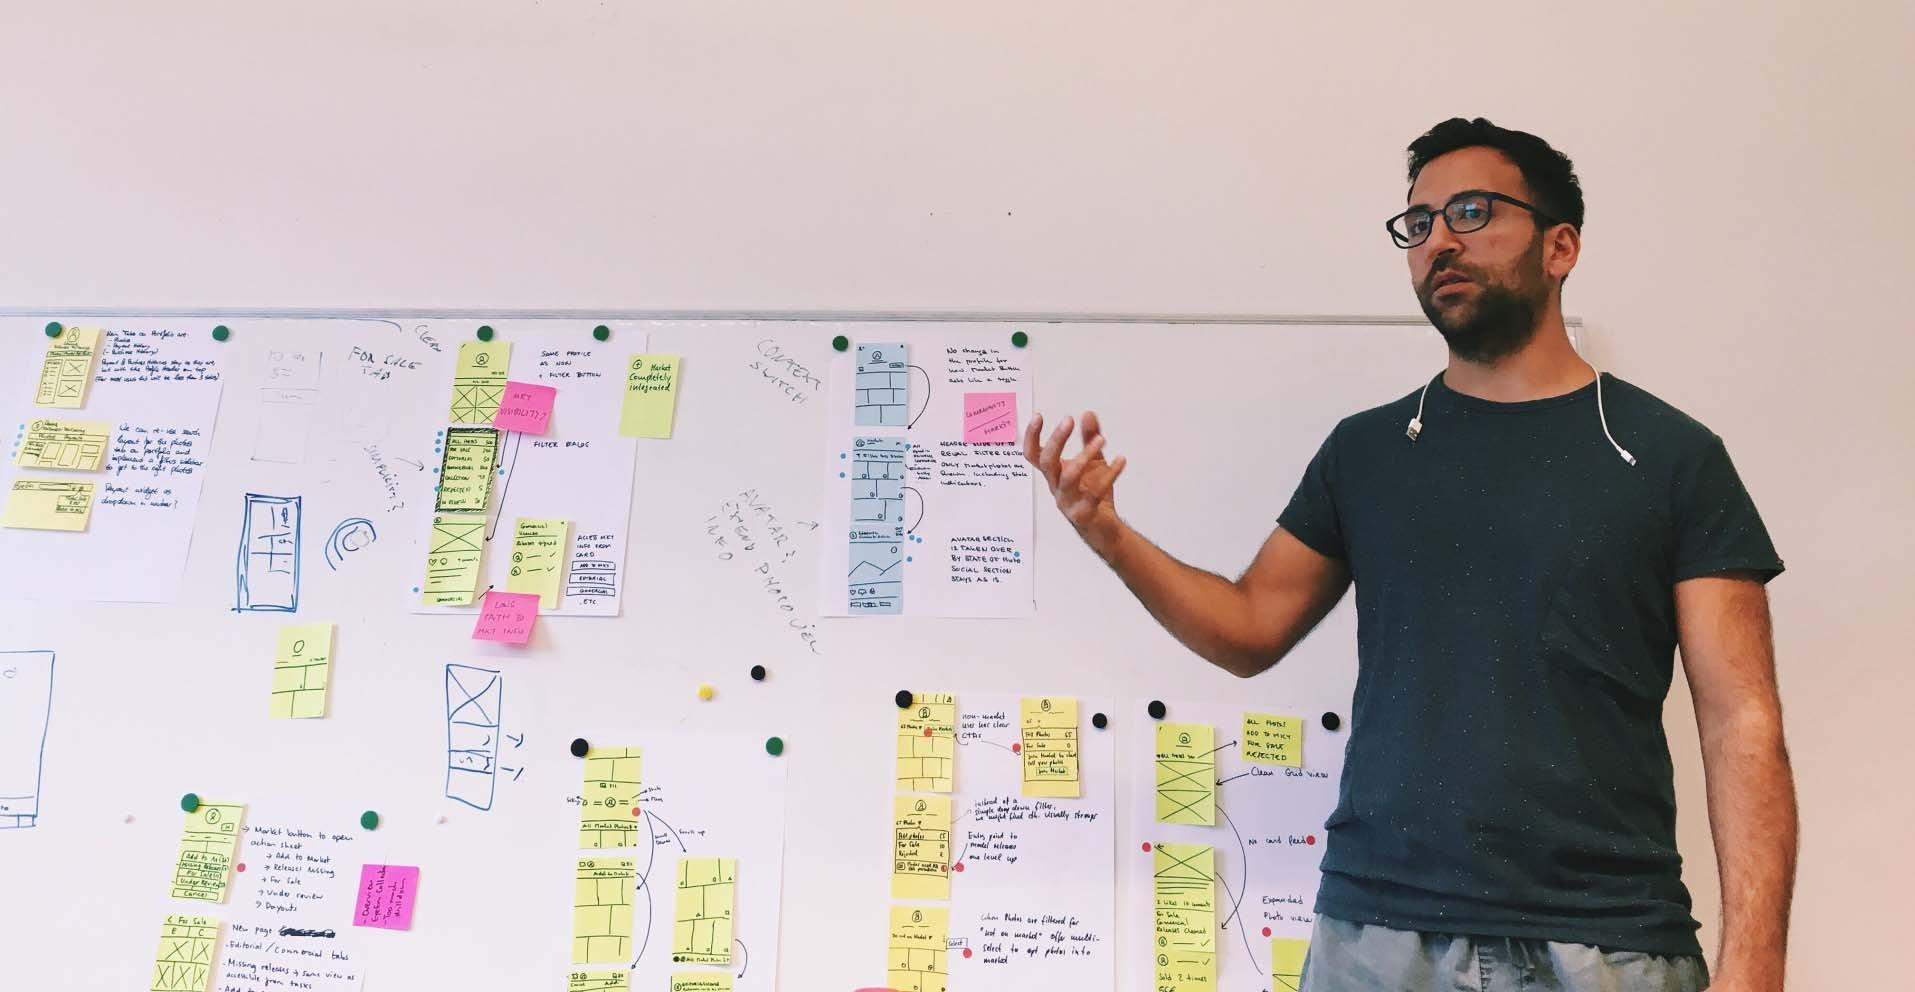 man-presenting-at-whiteboard_t20_NQoa0n